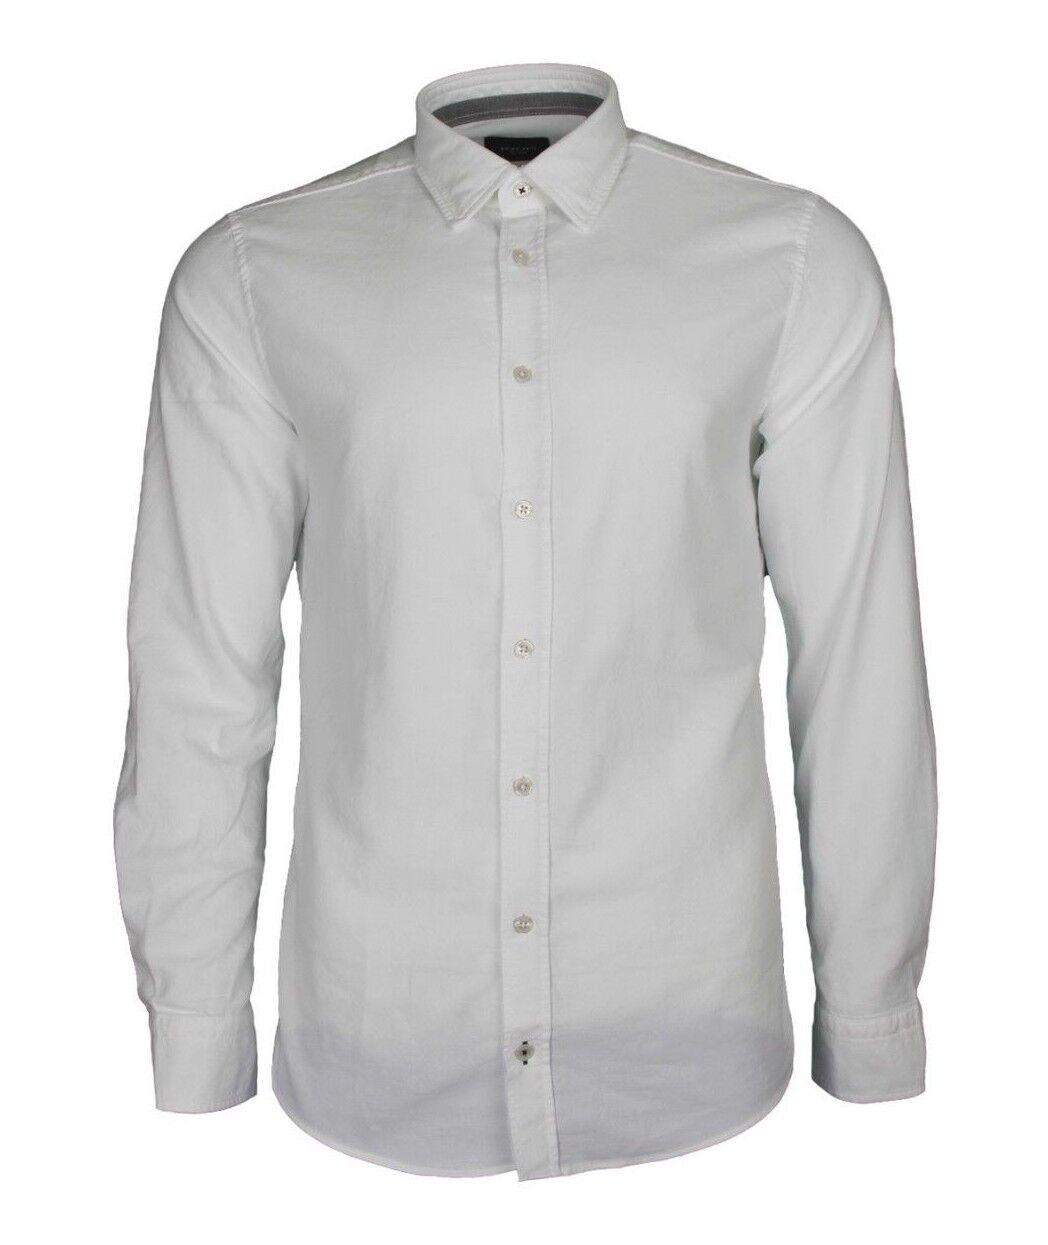 JOOP  Jeans - Hanson Herrenhemd - Hemd aus Oxford - Weiß Gr. L